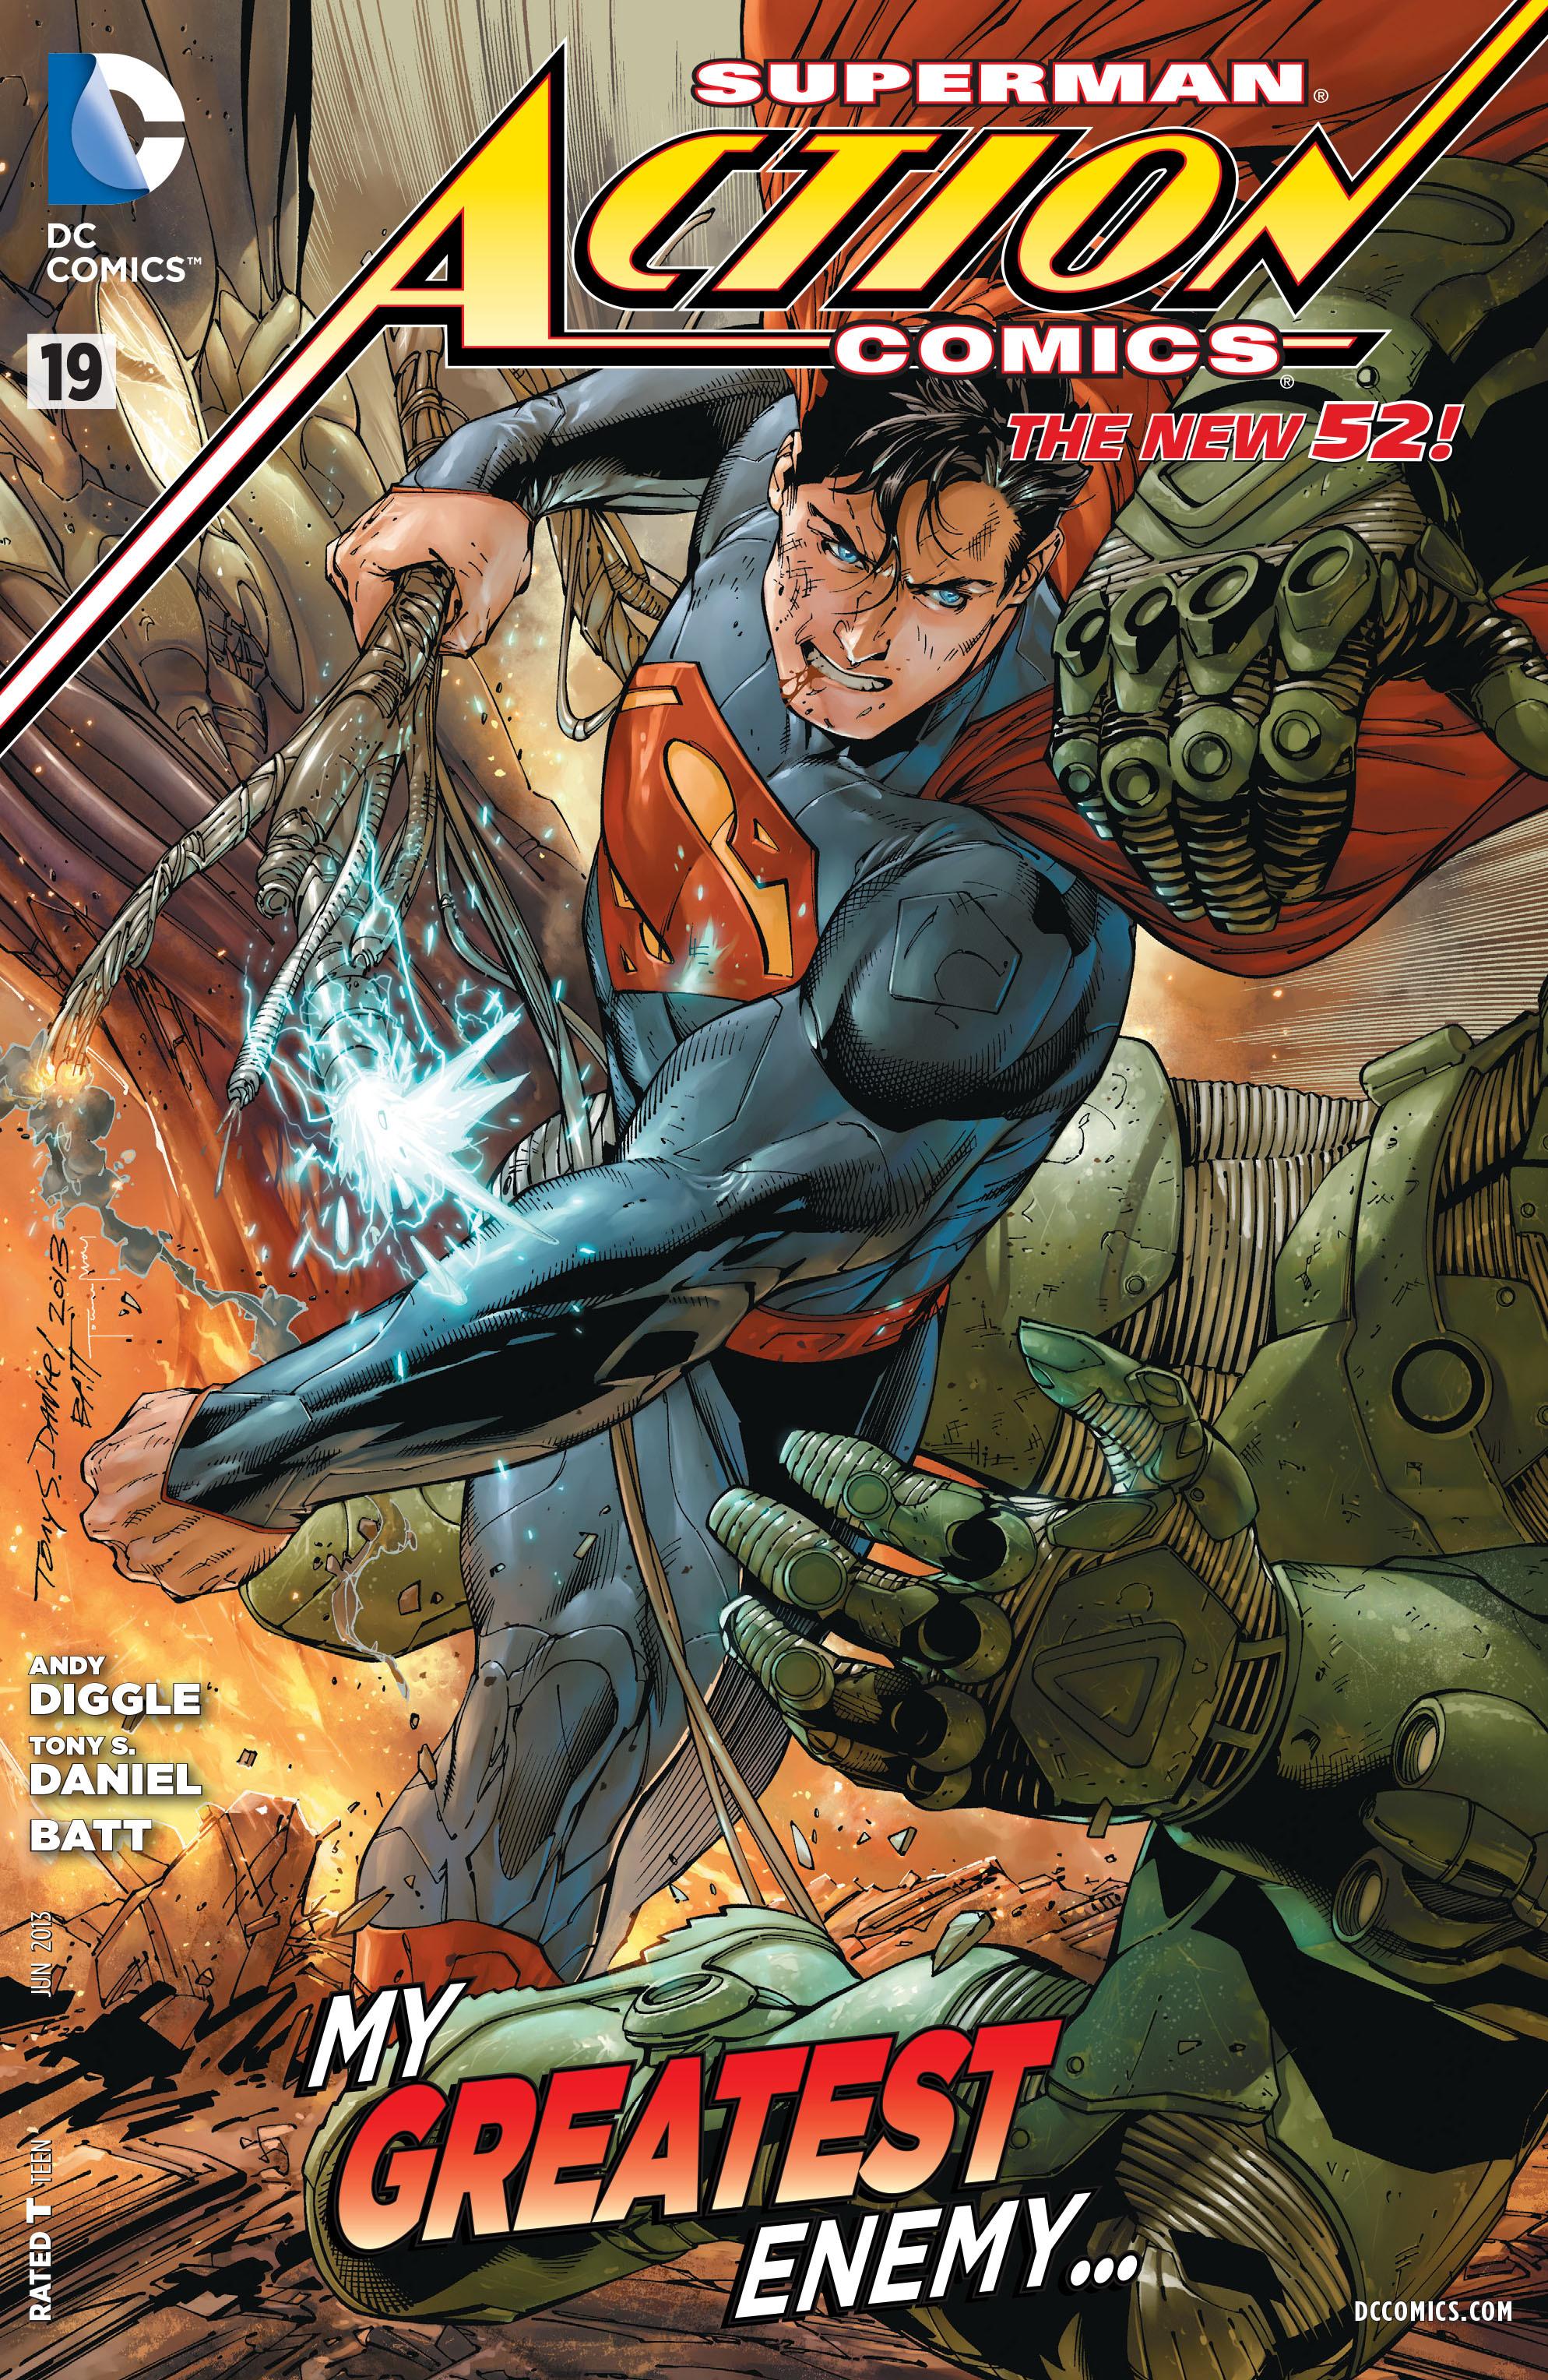 Action Comics Vol 2 19 - DC Comics Database